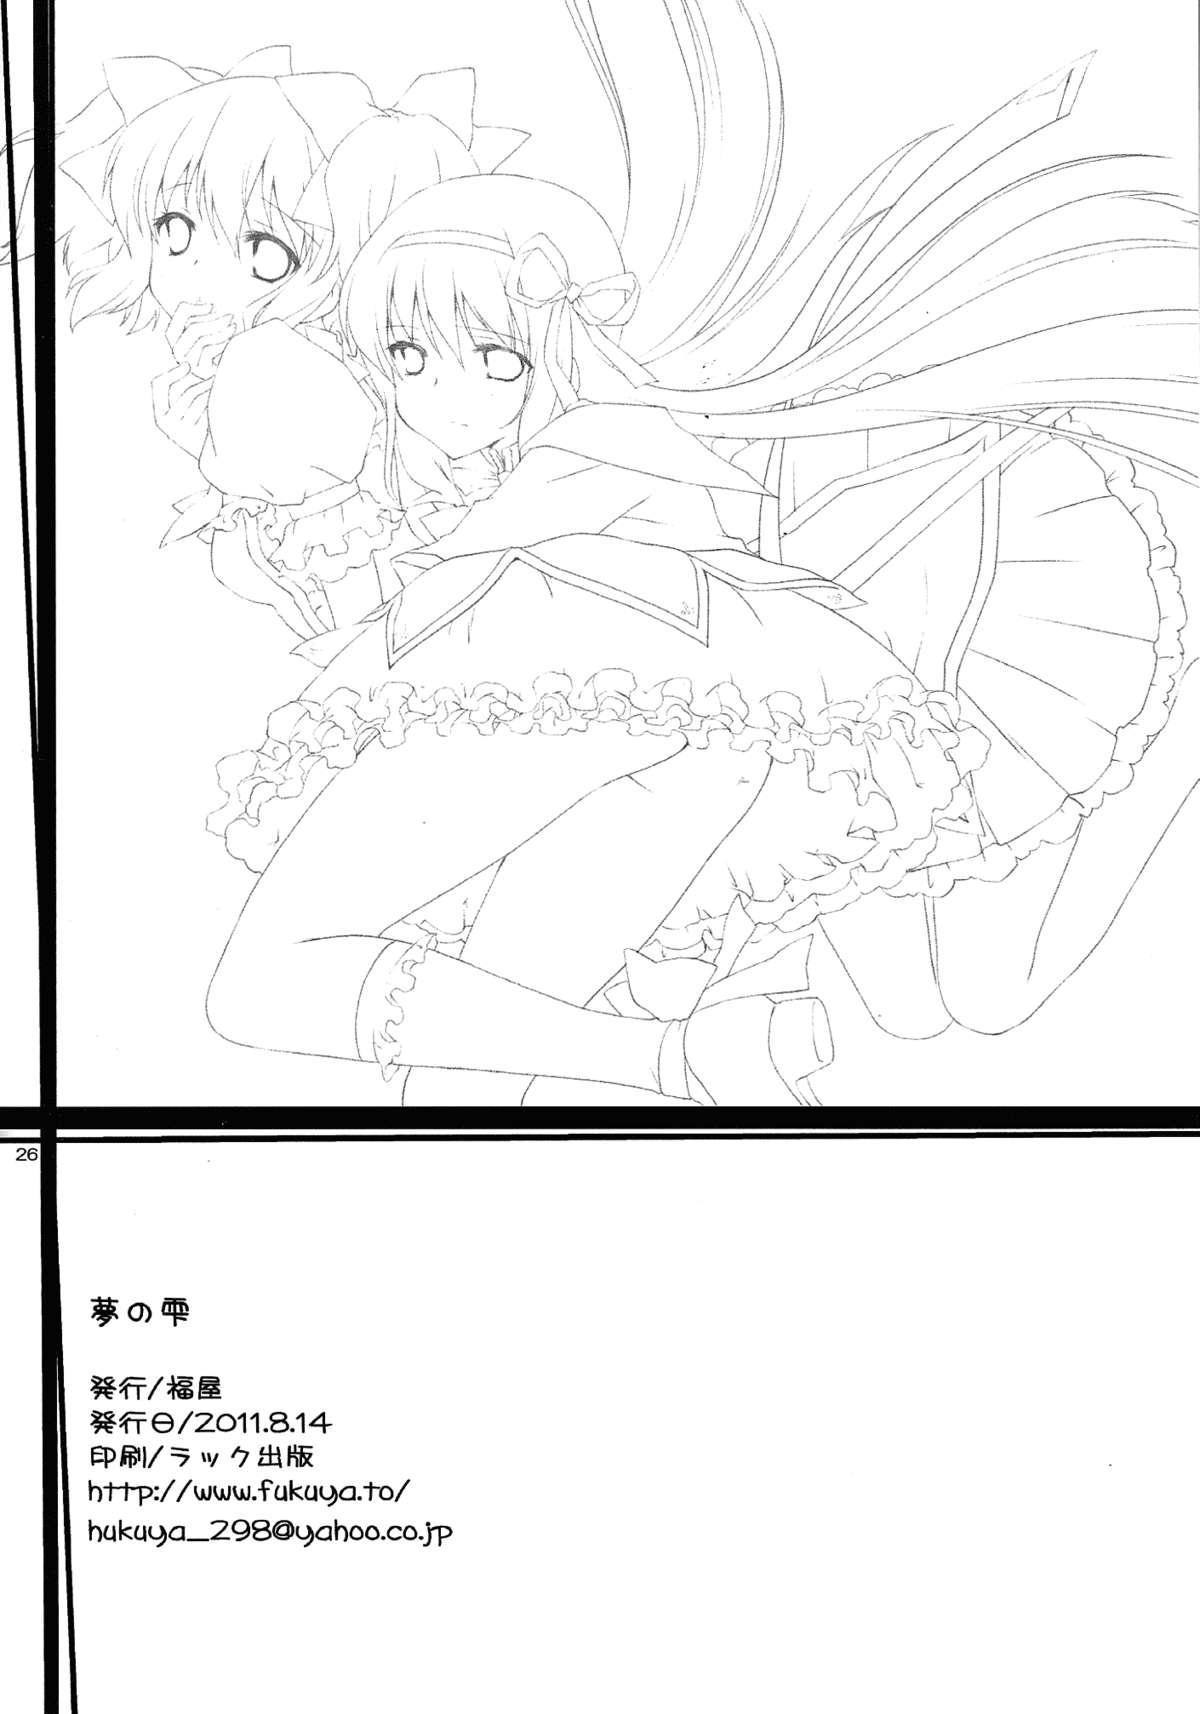 Yume no Shizuku | Drops of a Dream 24